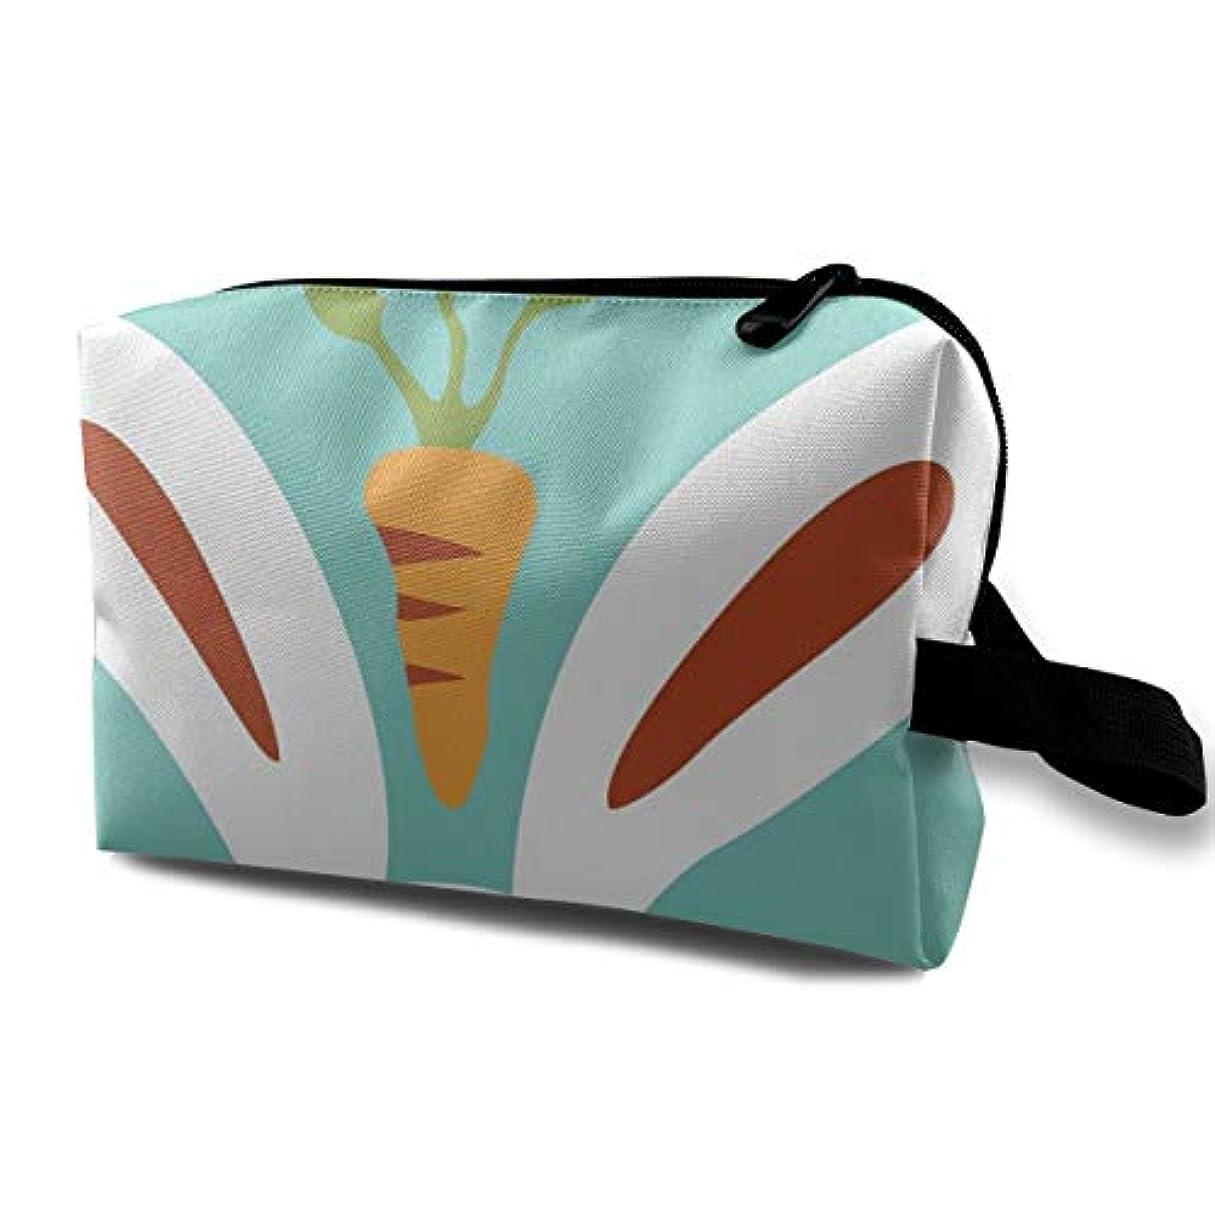 韻サイクル飼料Easter Rabbit Carrot (1) 収納ポーチ 化粧ポーチ 大容量 軽量 耐久性 ハンドル付持ち運び便利。入れ 自宅?出張?旅行?アウトドア撮影などに対応。メンズ レディース トラベルグッズ